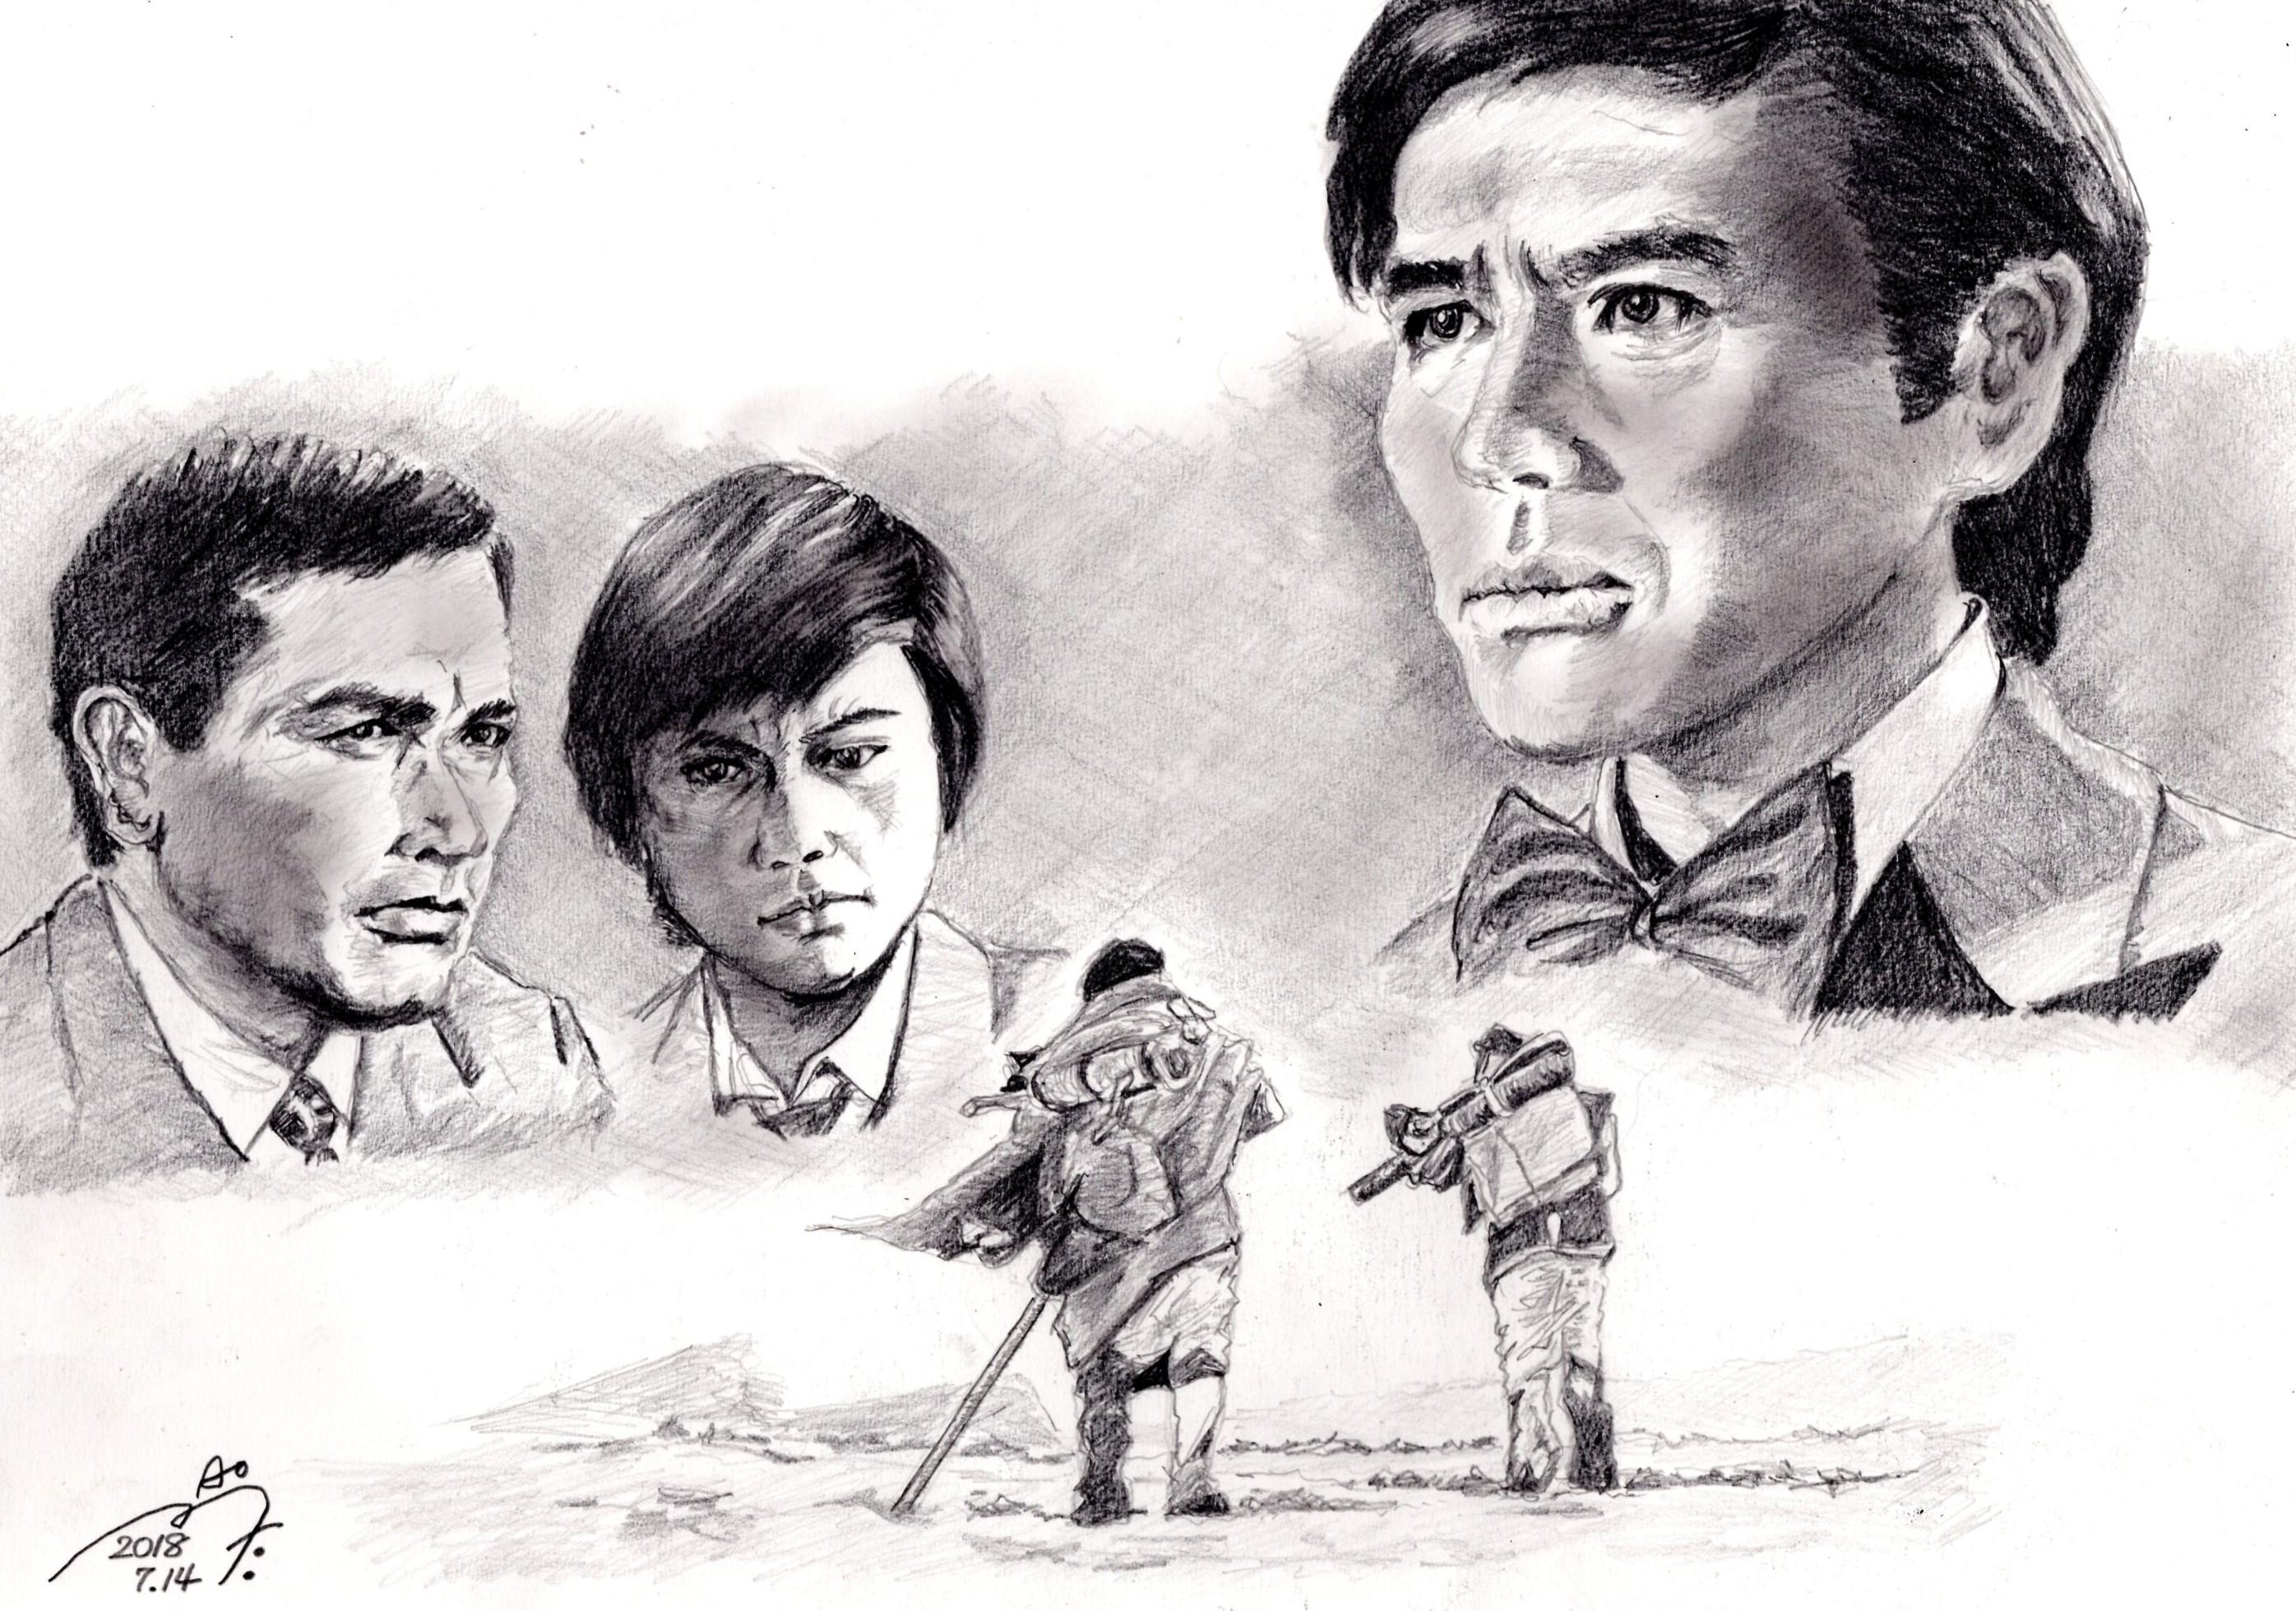 『砂の器』加藤剛、丹波哲郎、森田健作の鉛筆画似顔絵